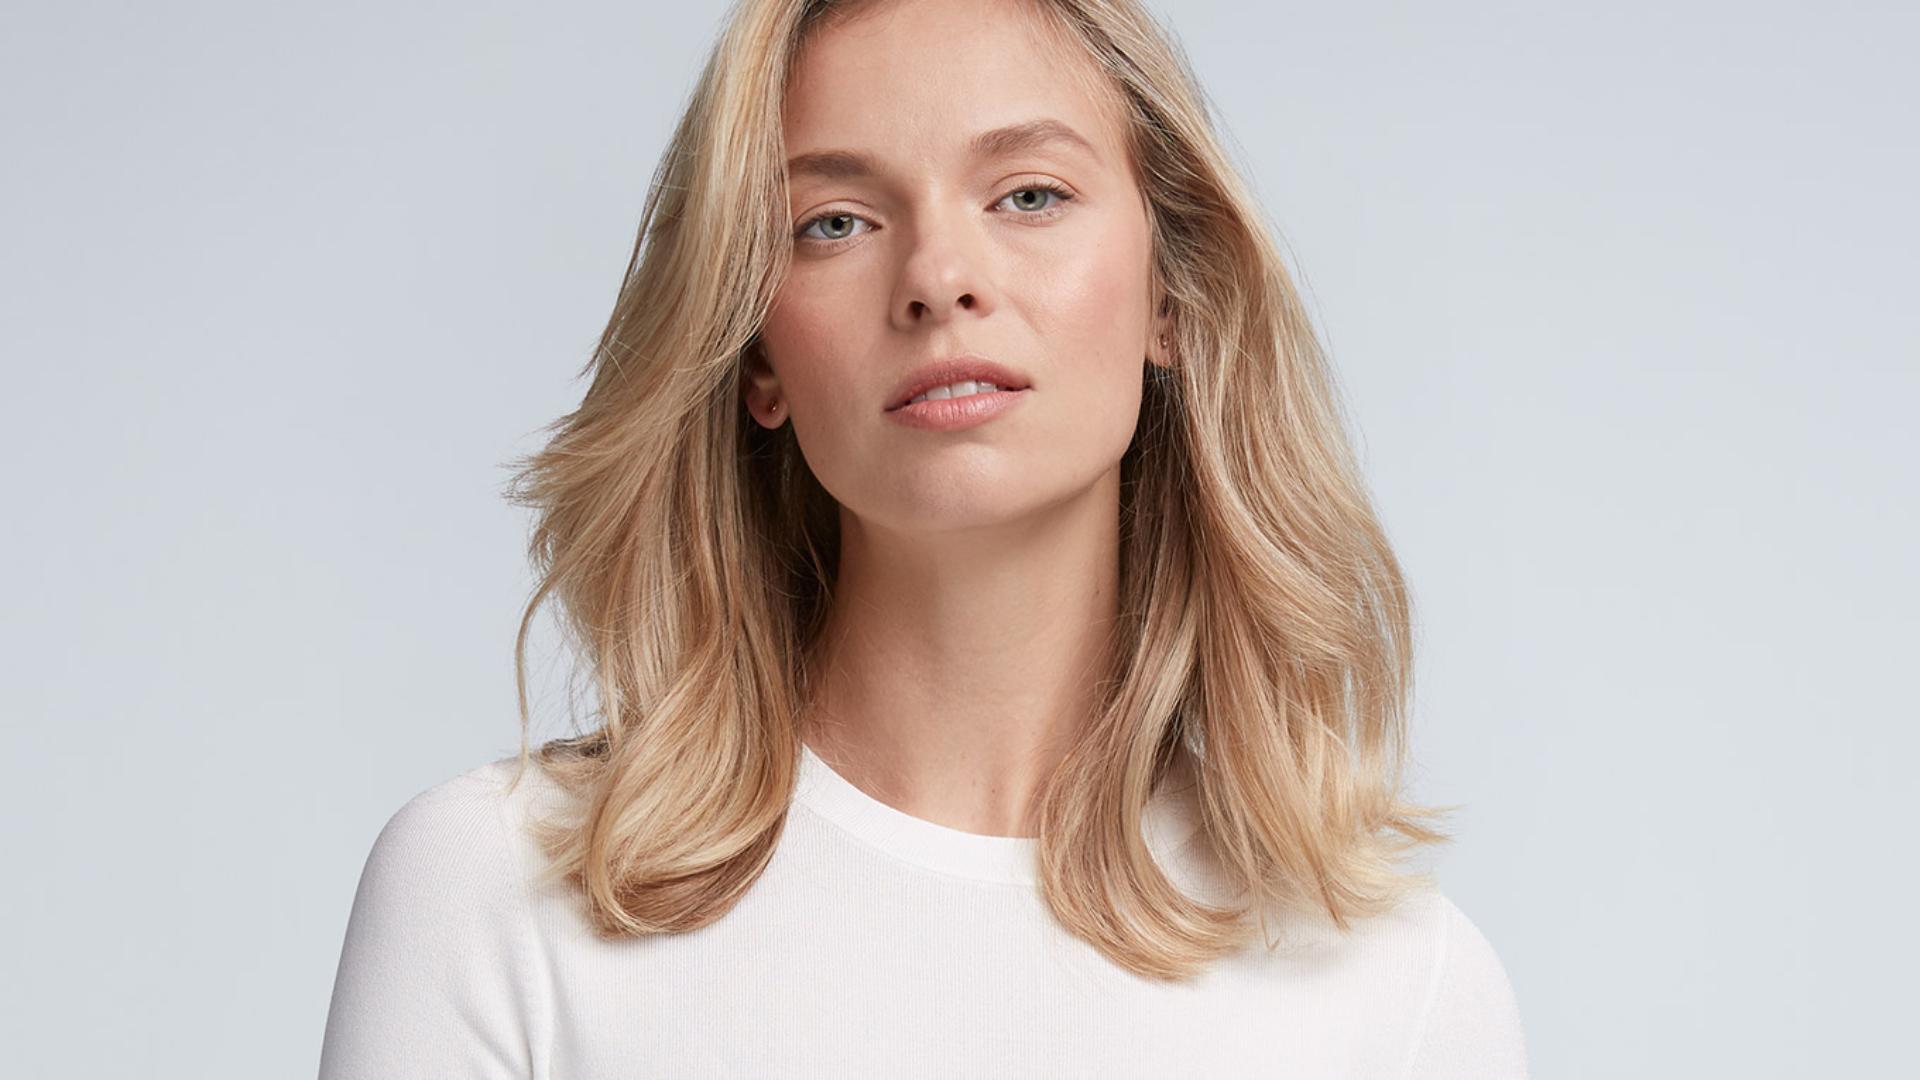 '層次分明的髮型